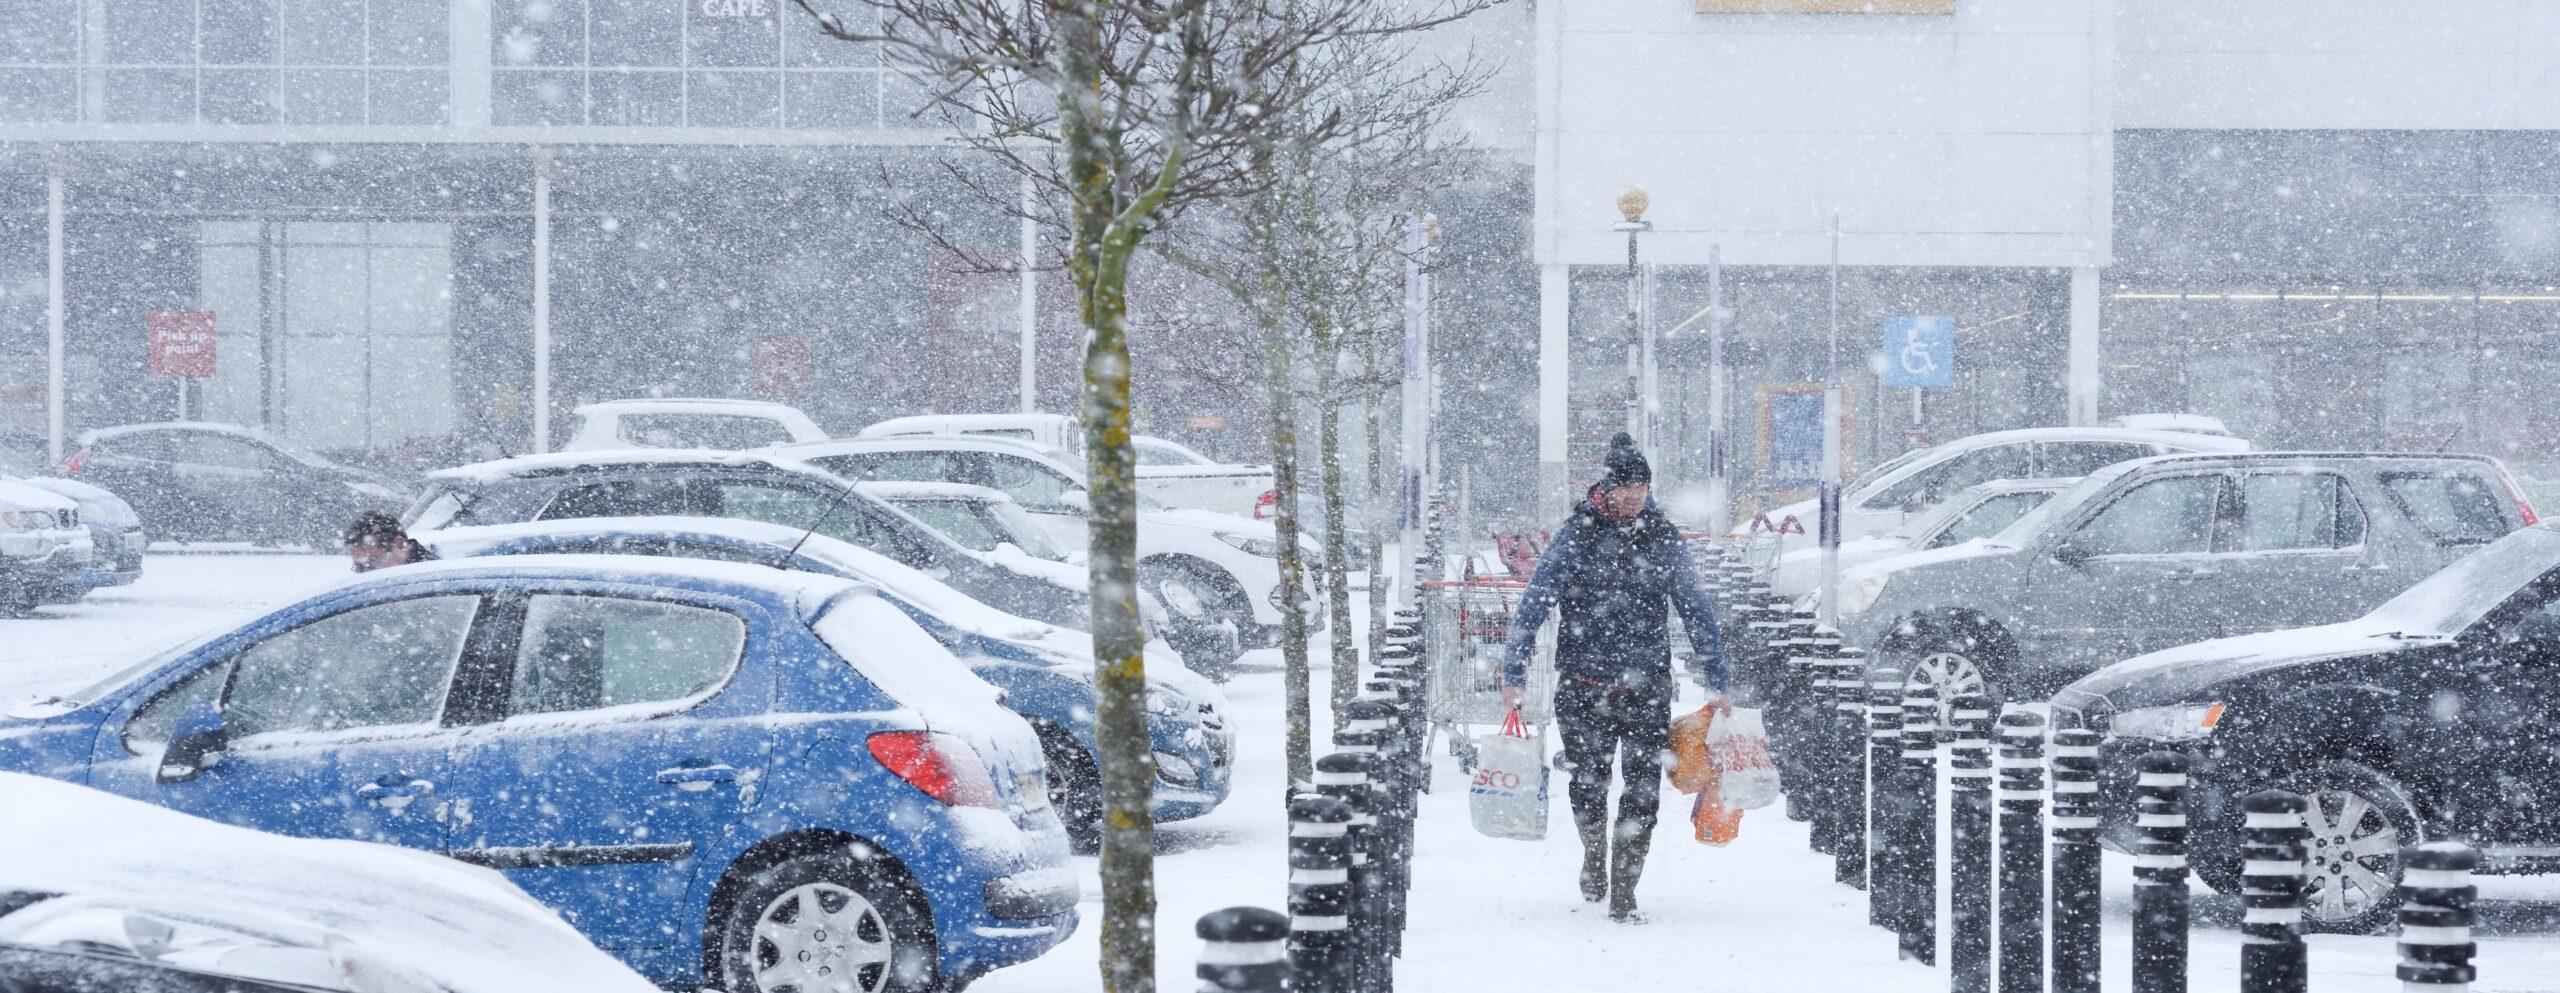 Man walking snow